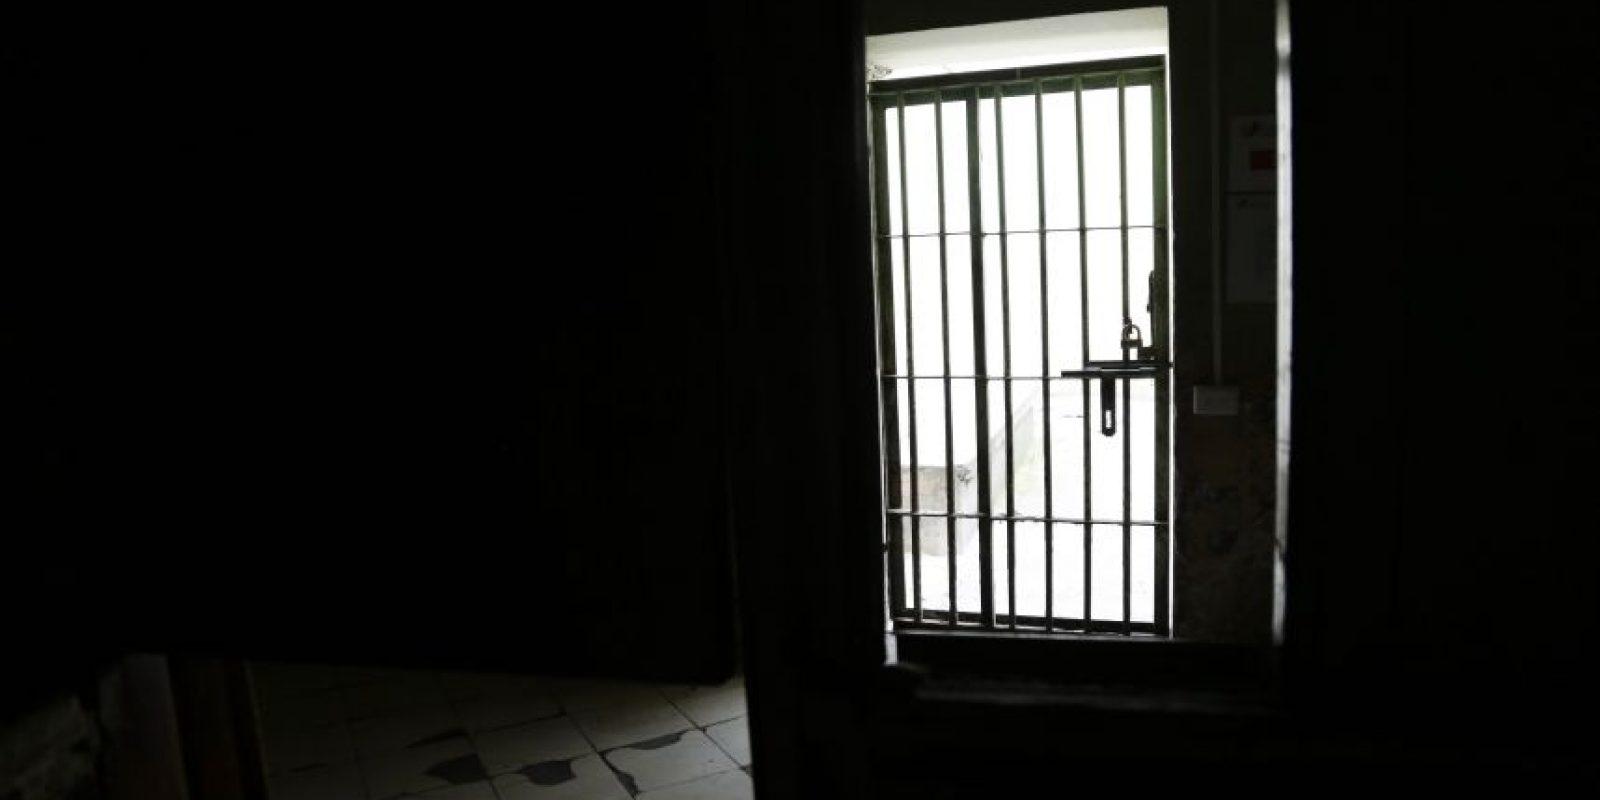 En esta imagen del 9 de abril de 2015, una puerta dentro de un ala del ahora vacío penal García Moreno, durante una visita guiada al público en Quito, Ecuador. El destino del edificio sigue sin decidir, pero las autoridades señalan que se está estudiando un proyecto que convertiría la vieja cárcel en un céntrico hotel de lujo. Otra propuesta es convertirlo en un museo de la ciudad. Foto:AP/ Dolores Ochoa